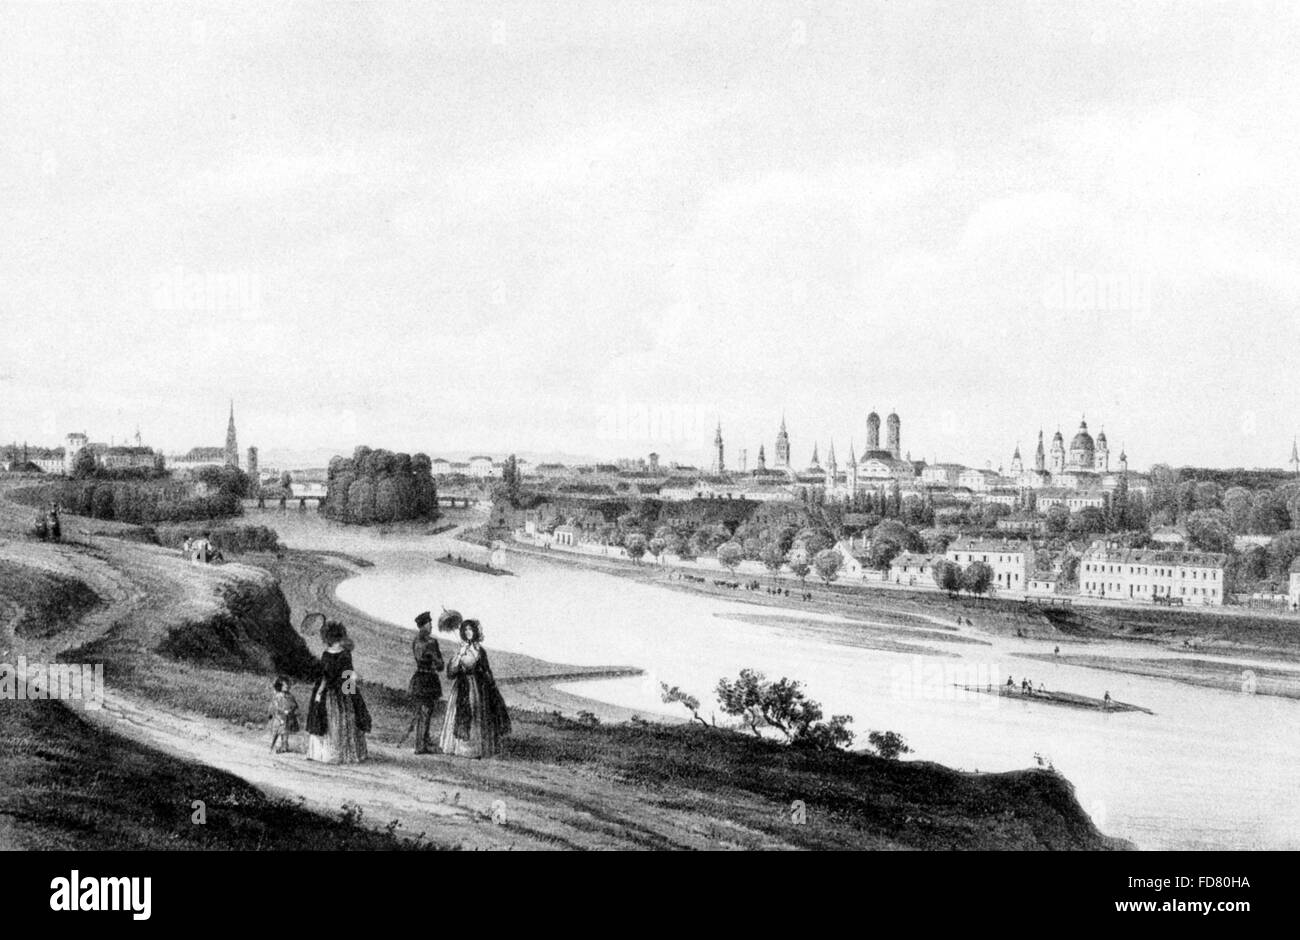 Cityscape of Munich, 1852 - Stock Image